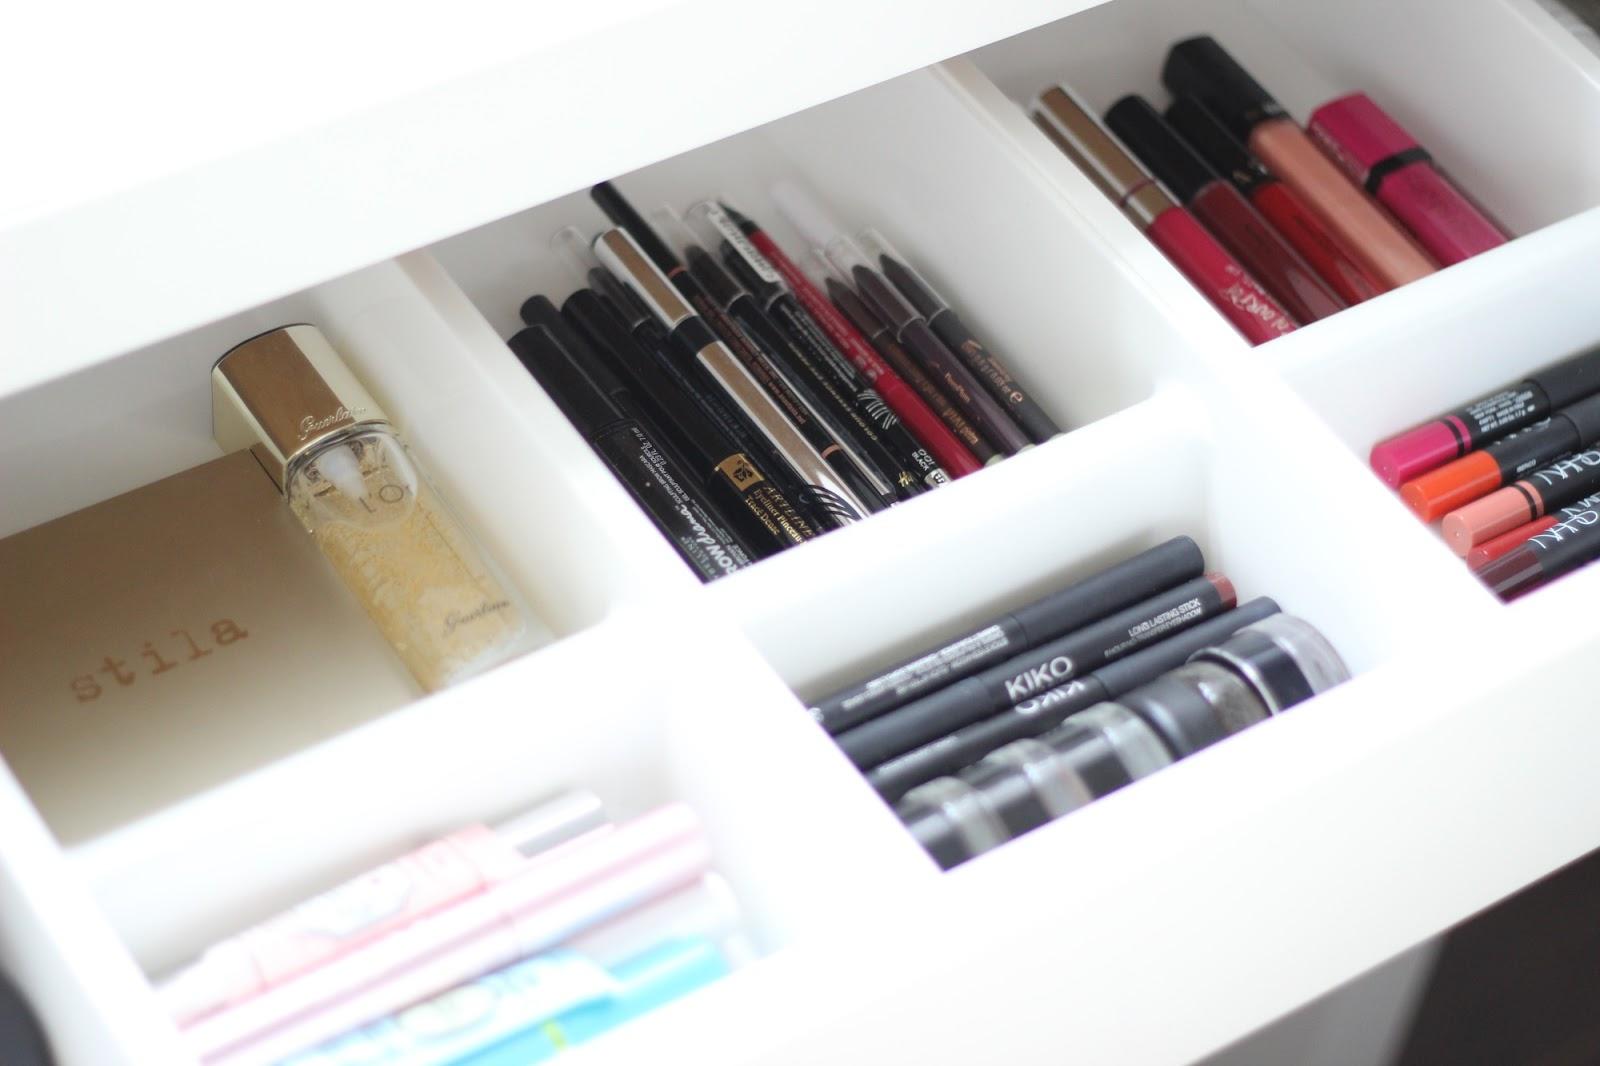 Makeup dividers